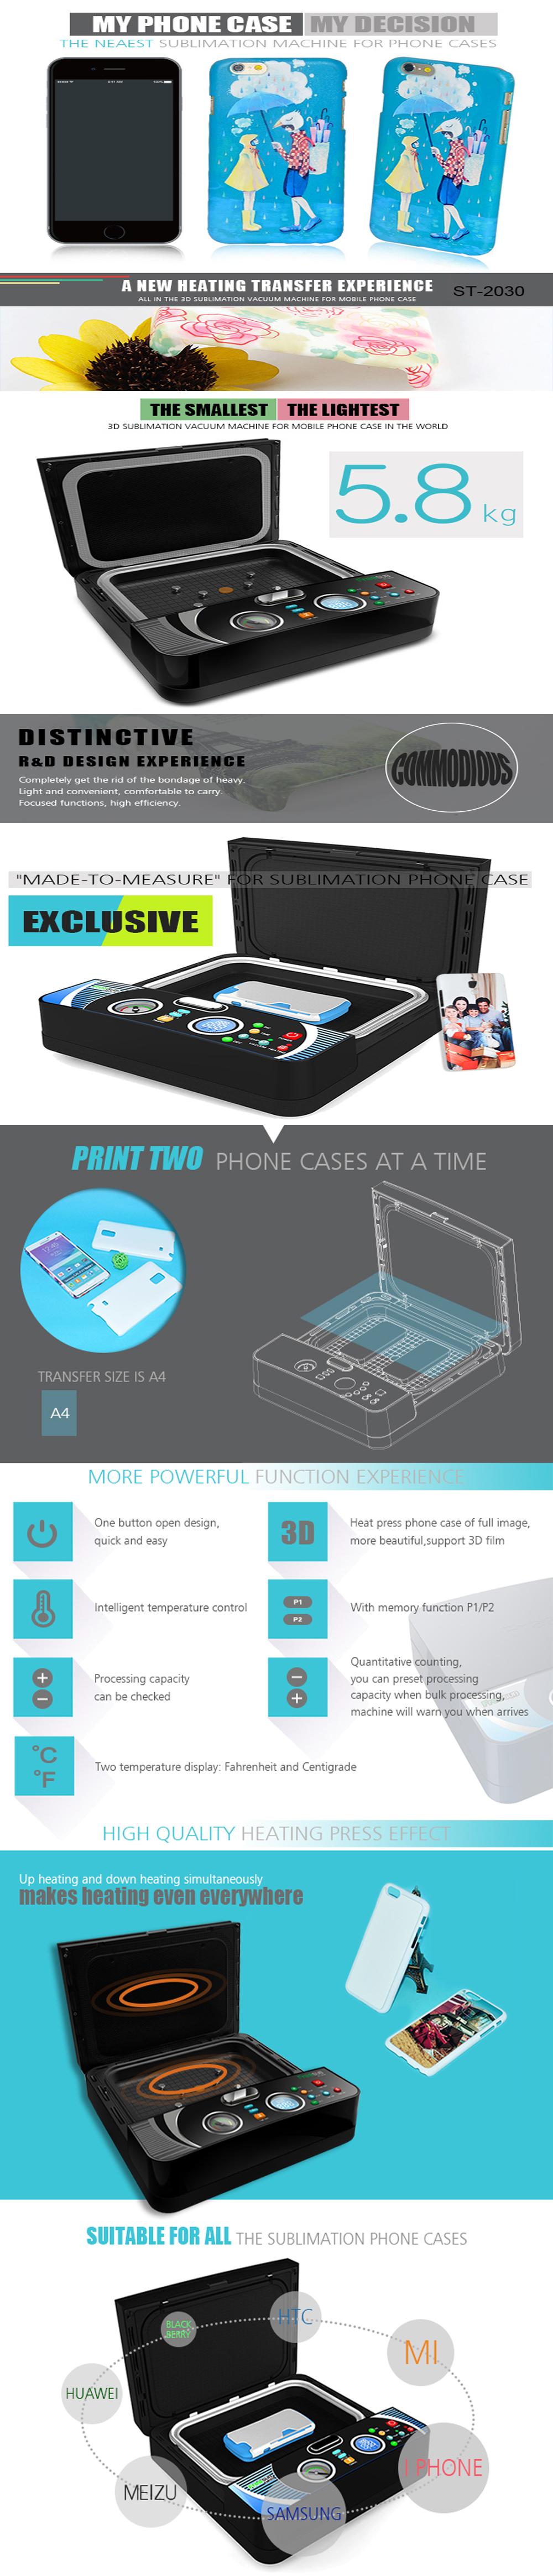 sous chaud imprimante portable 7